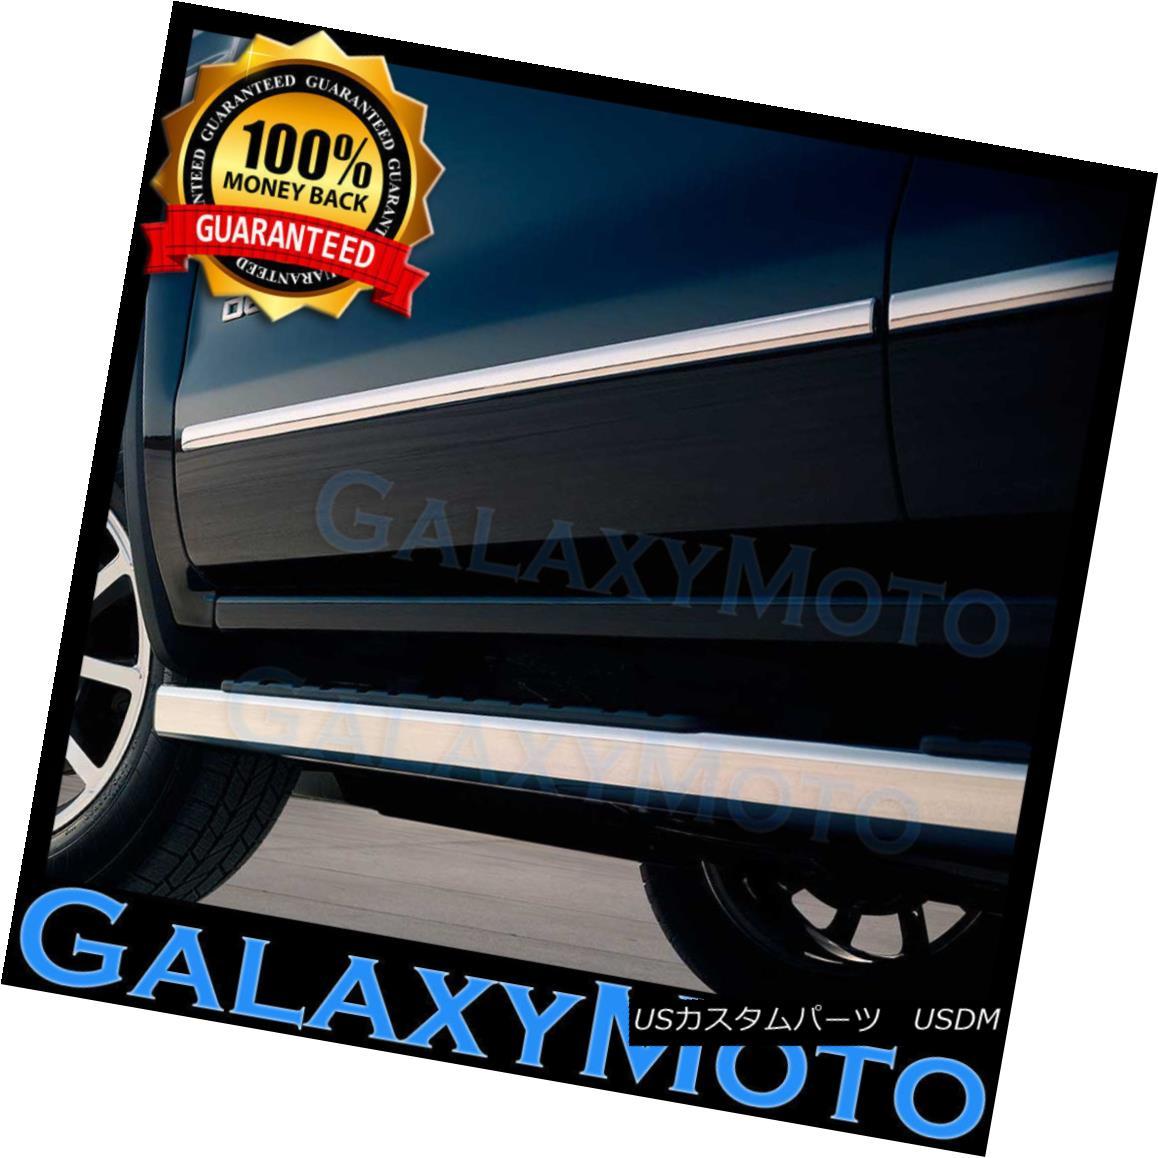 グリル 07-14 GMC Yukon SUV 4 Door Chrome Body Side Molding Front+Rear 4pcs Set Kit 07-14 GMCユーコンSUV 4ドアクロームボディサイドモールディングフロント+リア4本セットキット